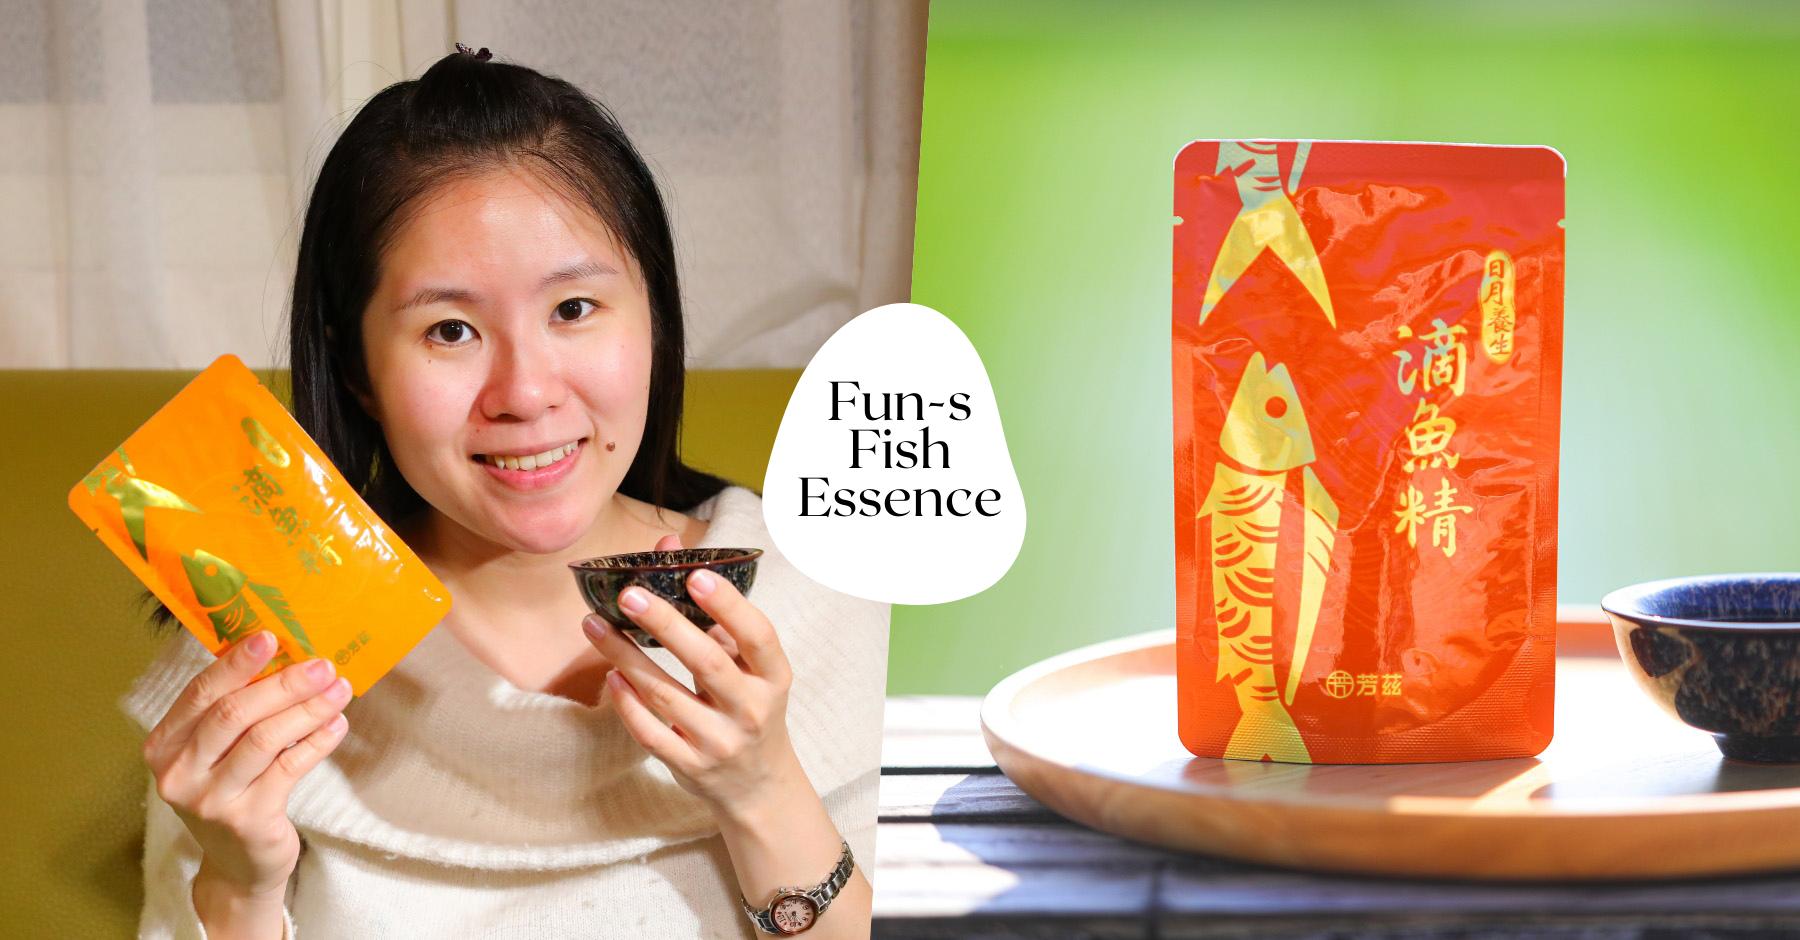 常溫滴魚精推薦|芳茲生技日月養生滴魚精|優質虱目魚膠原蛋白給媽媽寶寶長輩營養補給